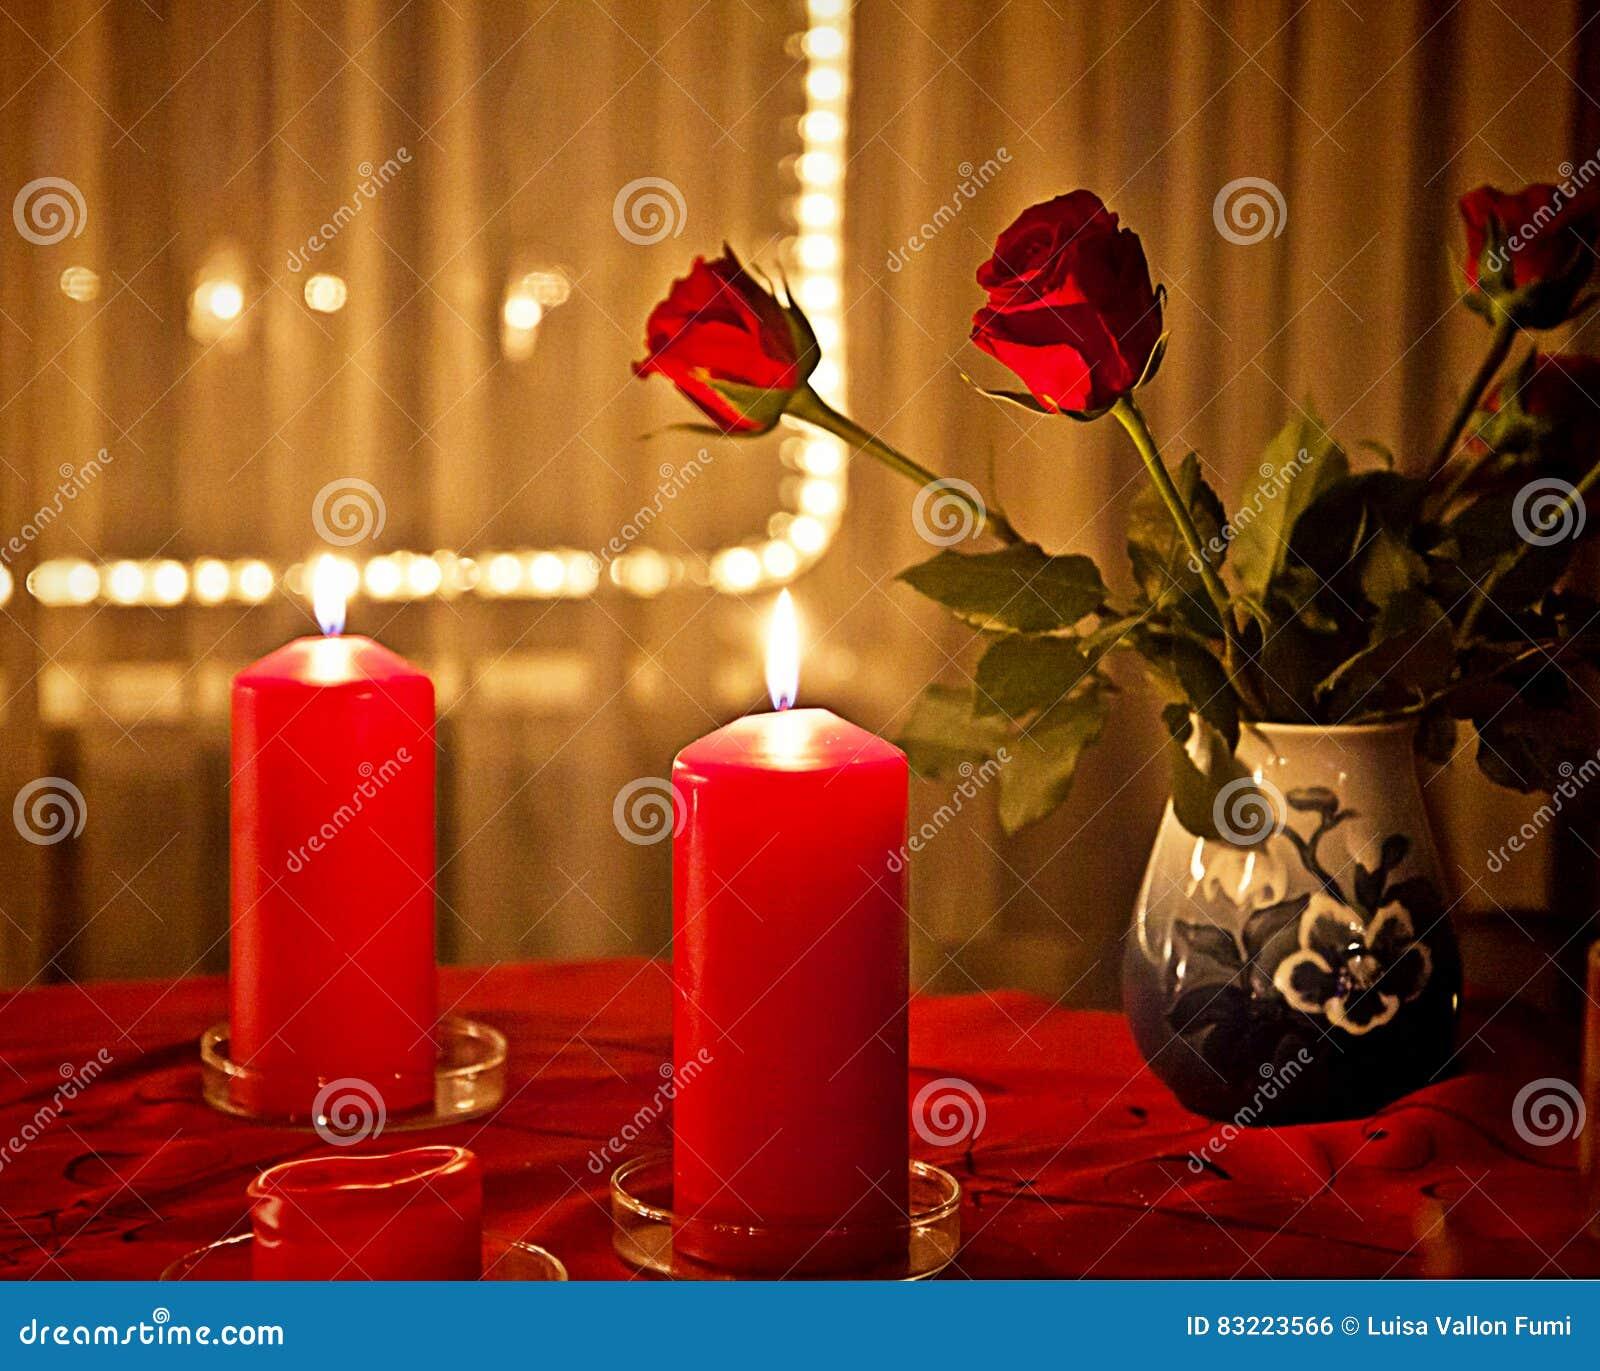 Weihnachten Zu Hause, Rote Rosen Und Rote Kerzen Stockfoto - Bild ...